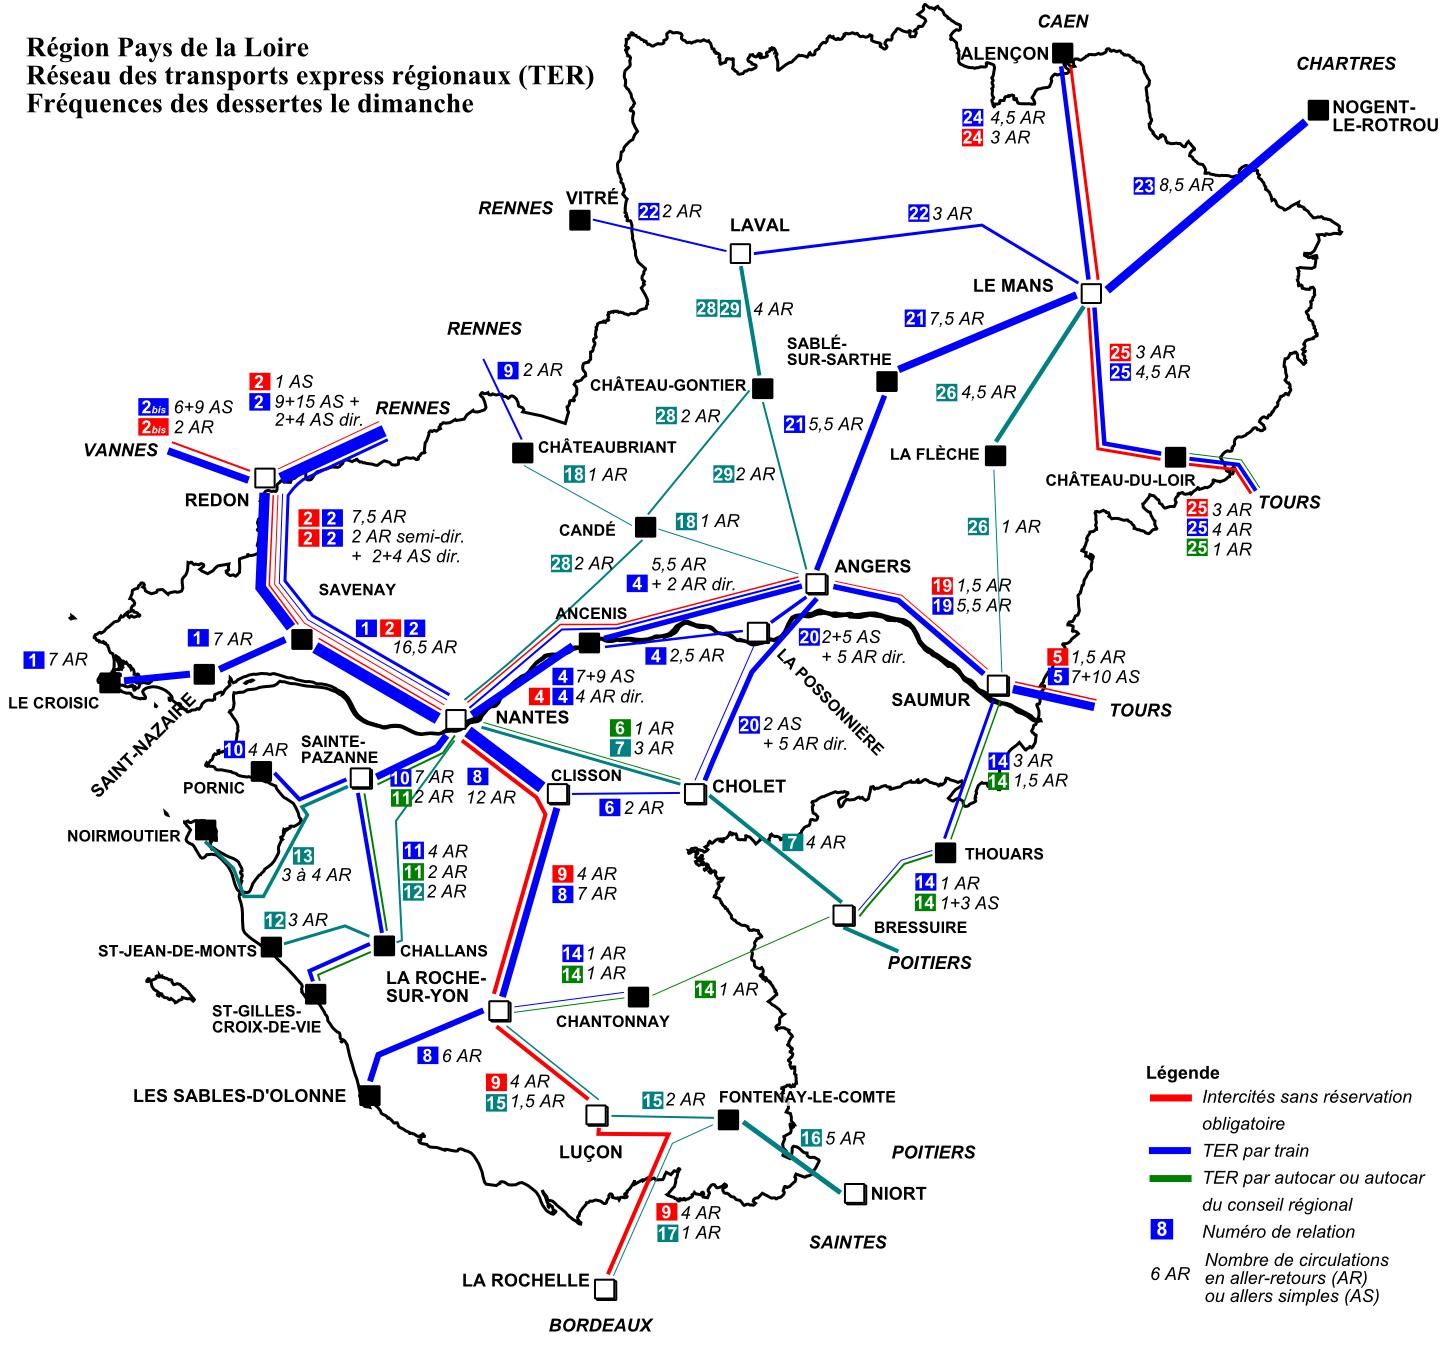 Схема региональных поездов TER в регионе Pays de la Loire (Пэи-де-ла-Луар, Земли Луары)